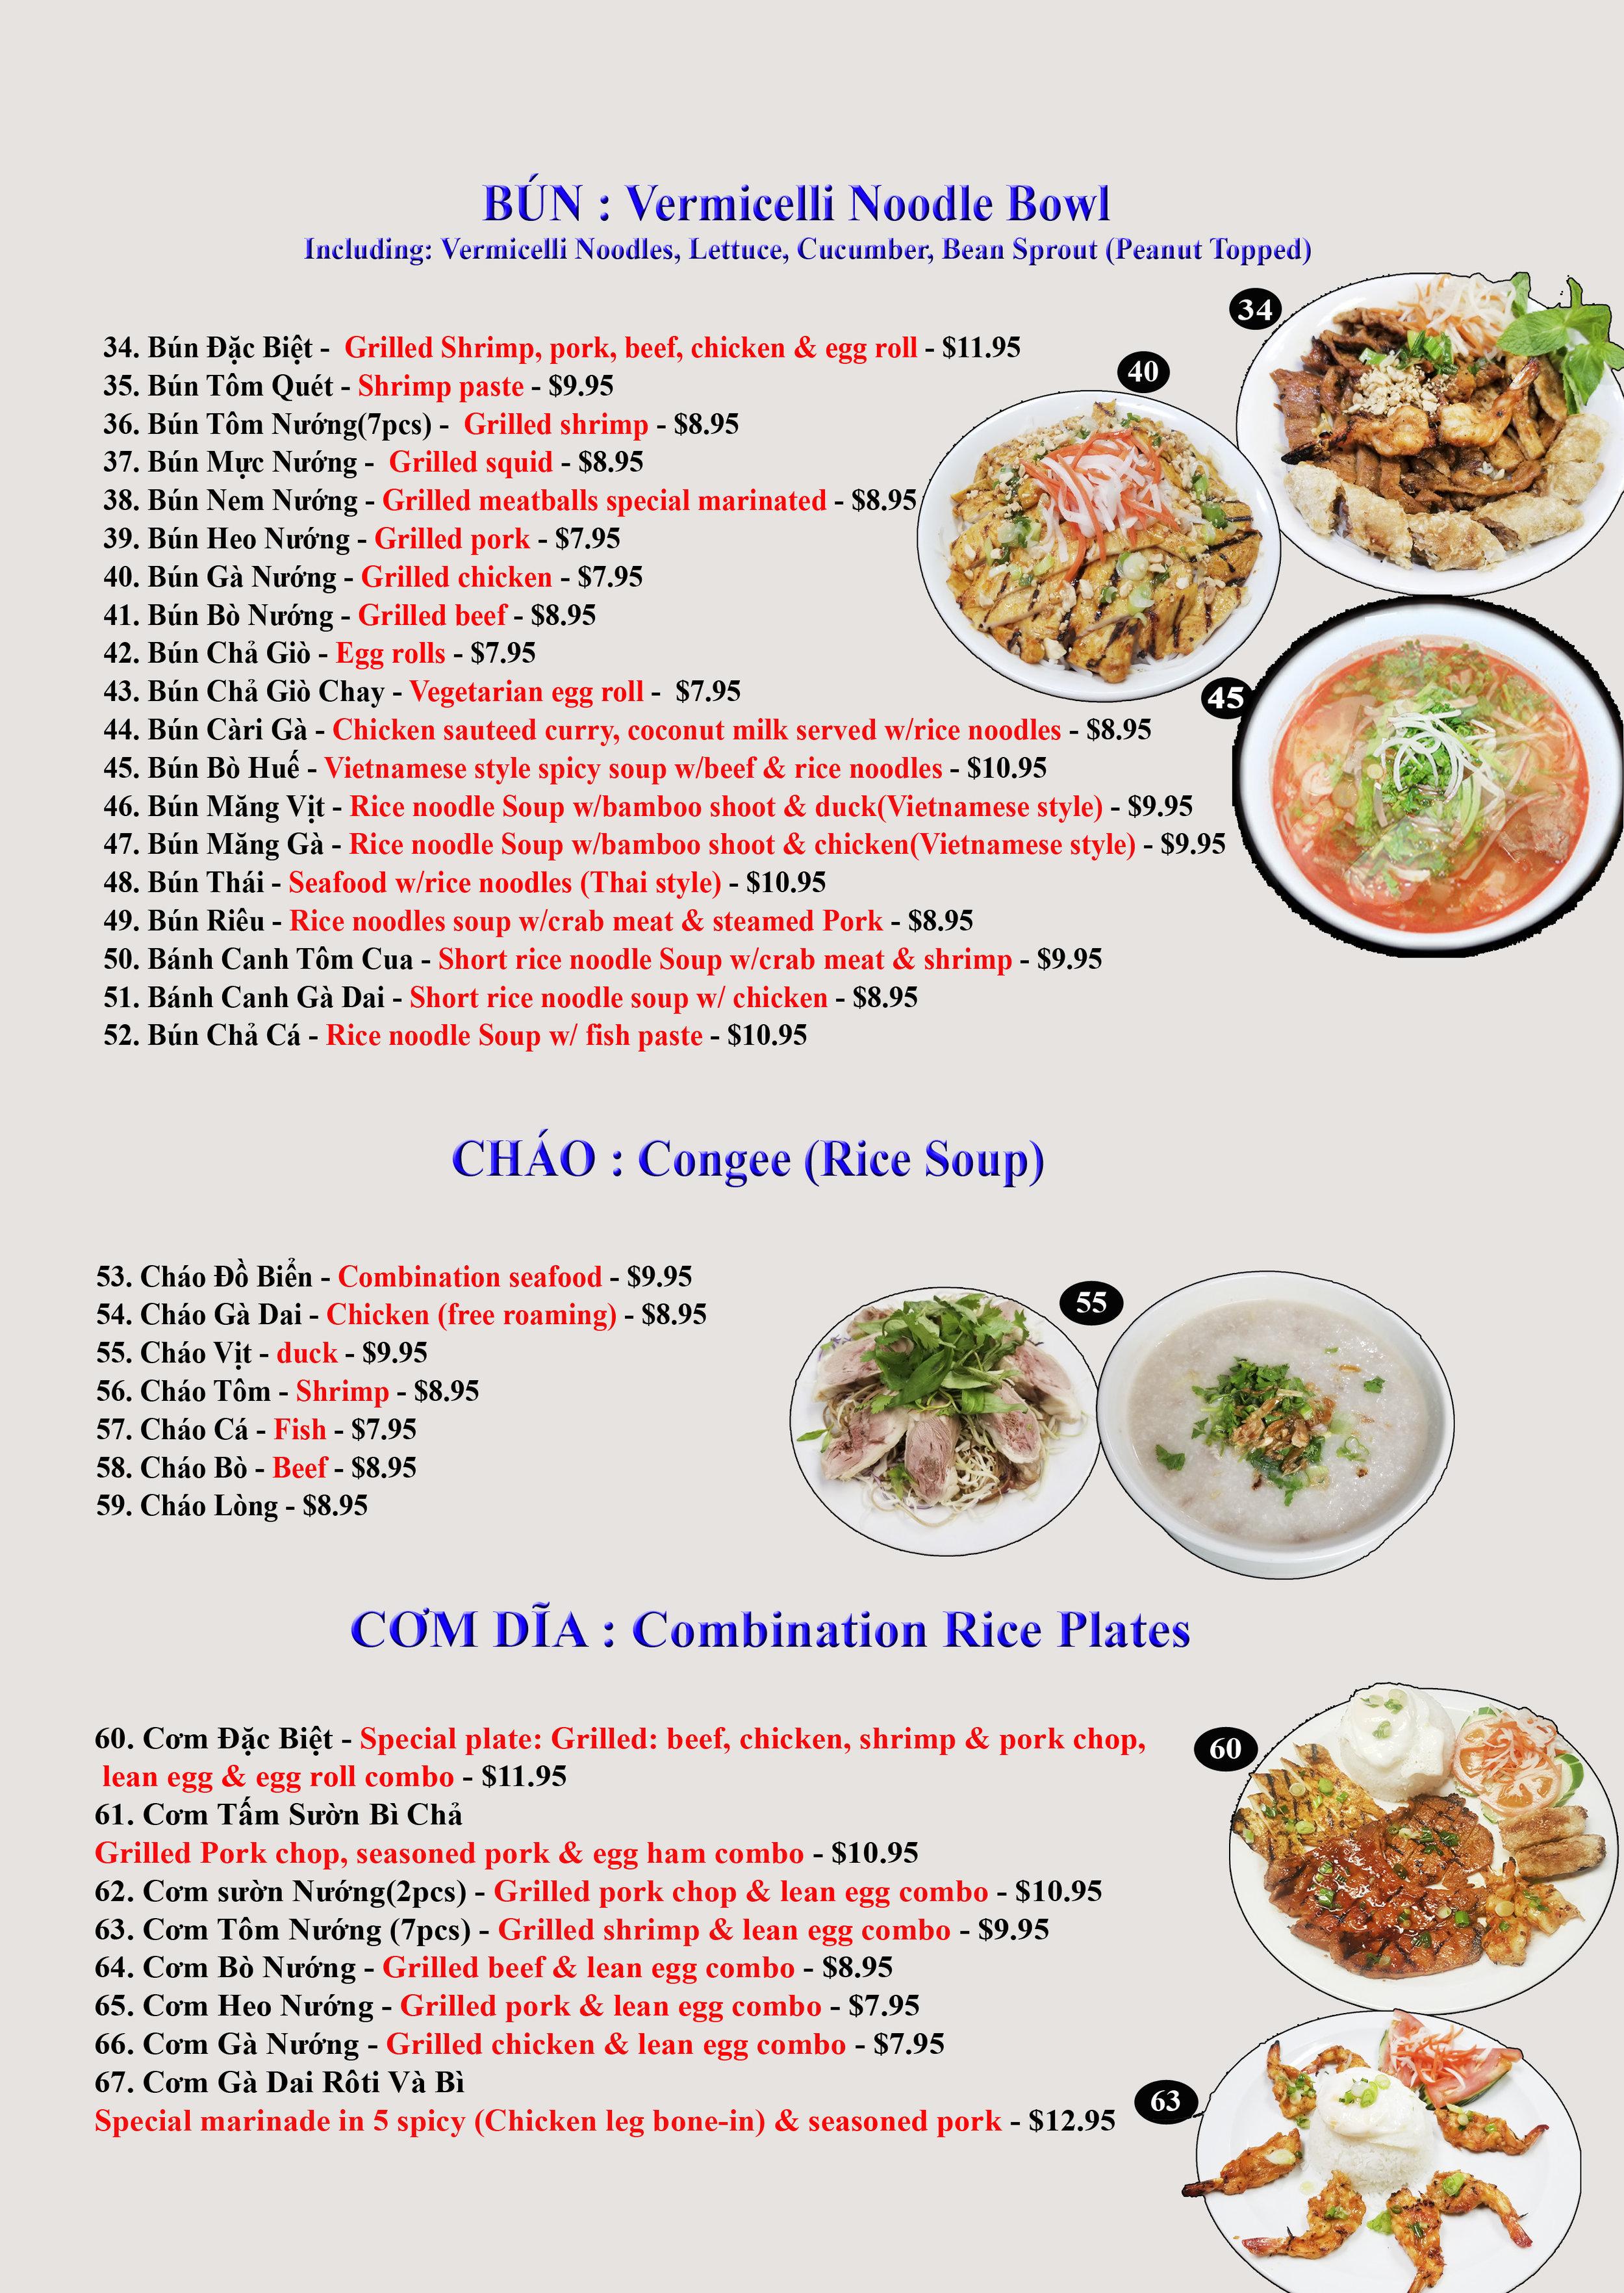 cobun chao com page 5  12x8.50.jpg